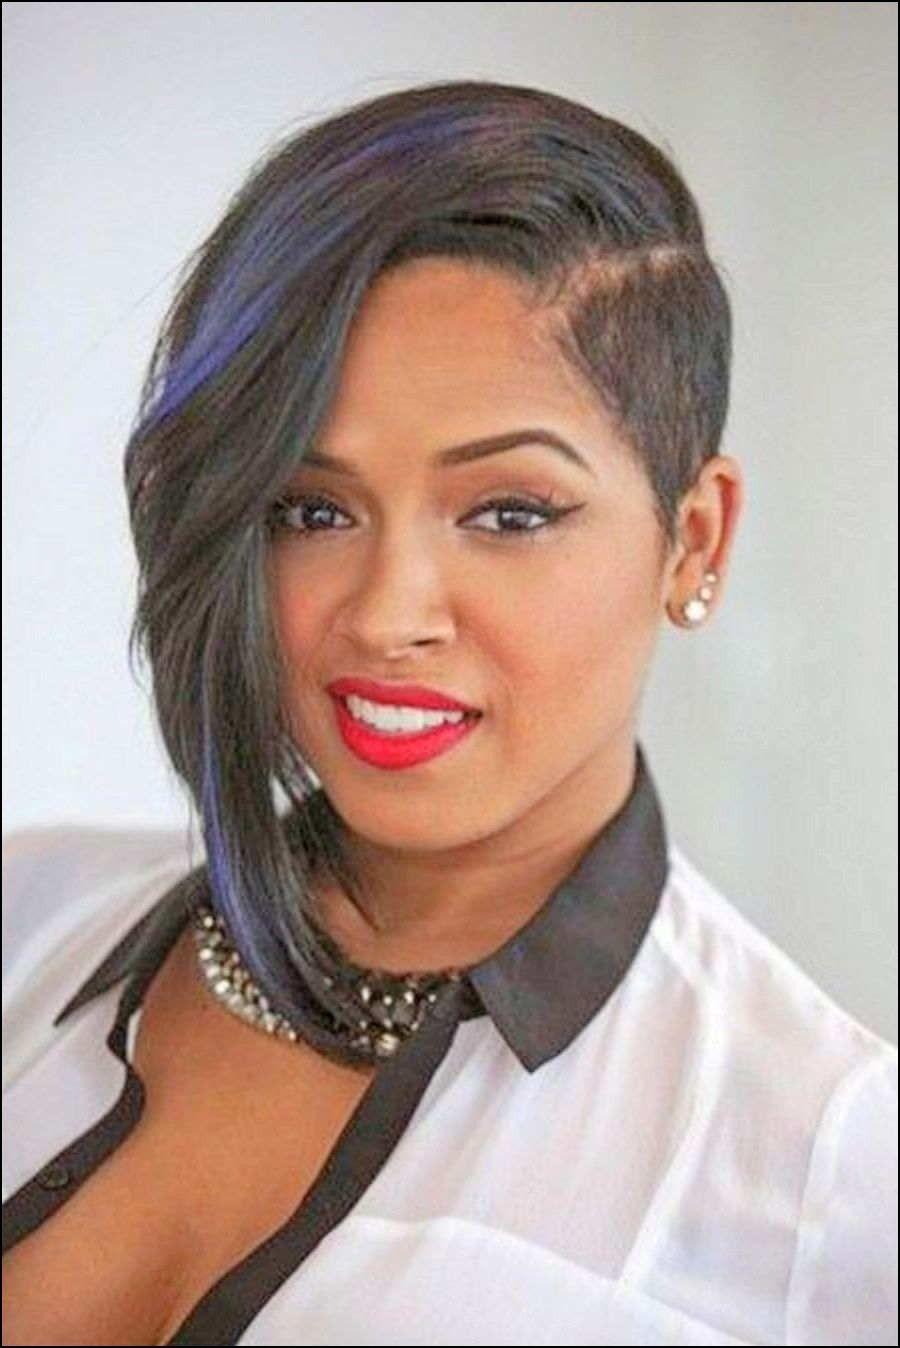 Asymmetrical Haircuts For Black Women Short Hair Trends Short Asymmetrical Hairstyles Short Asymmetrical Haircut